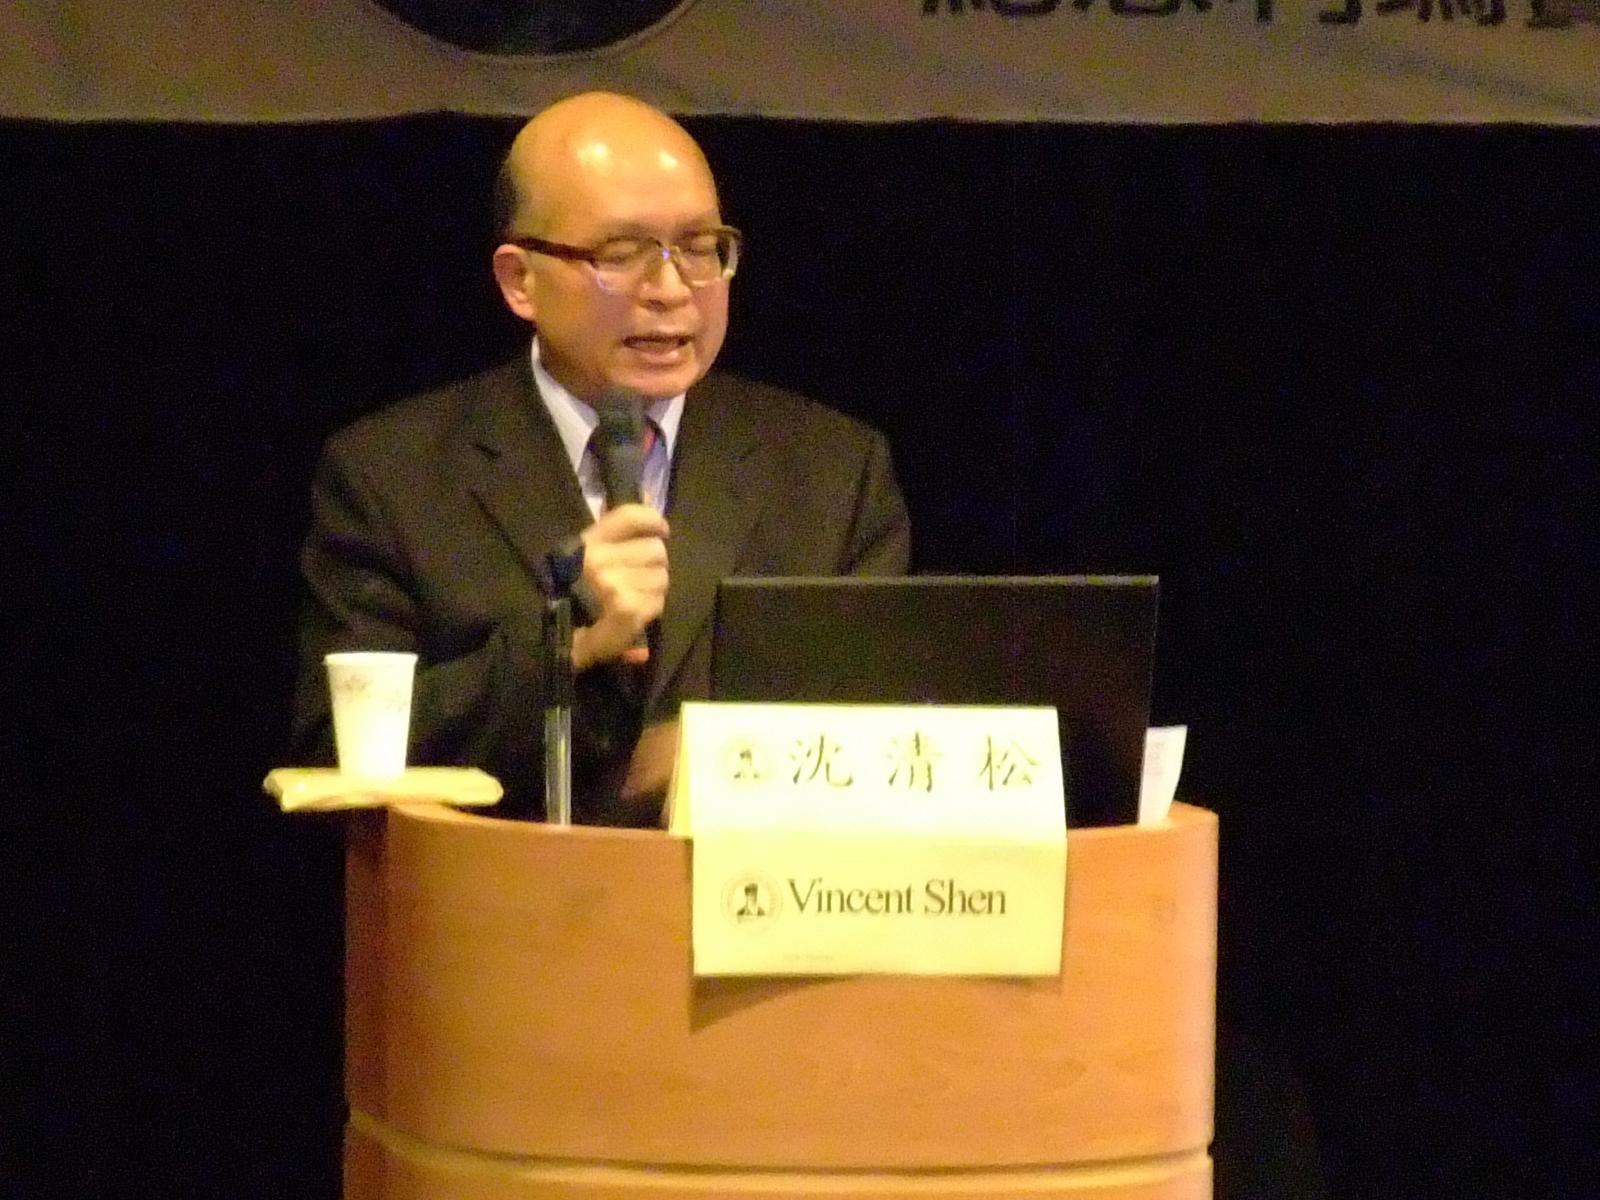 201004紀念利瑪竇逝世四百週年國際學術研討會-11